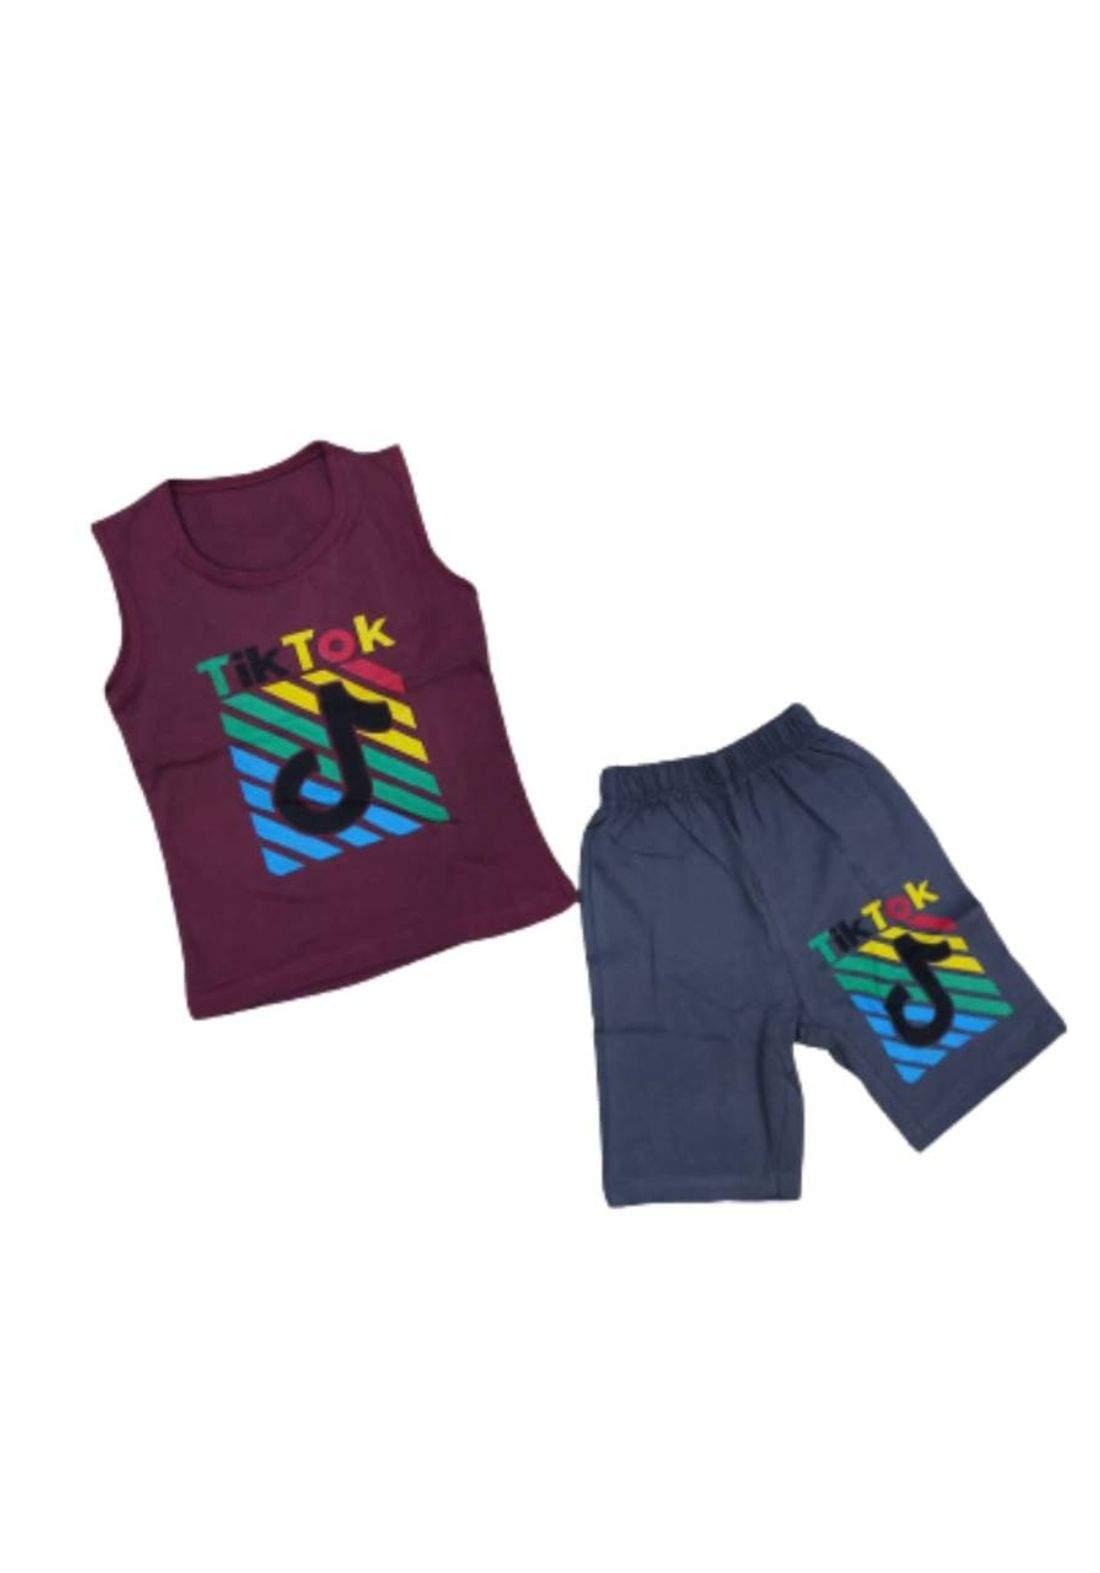 tracksuit for boys  Purple(shirt +short) ( تراكسوت ولادي بنفسجي (برموده وكيمونه